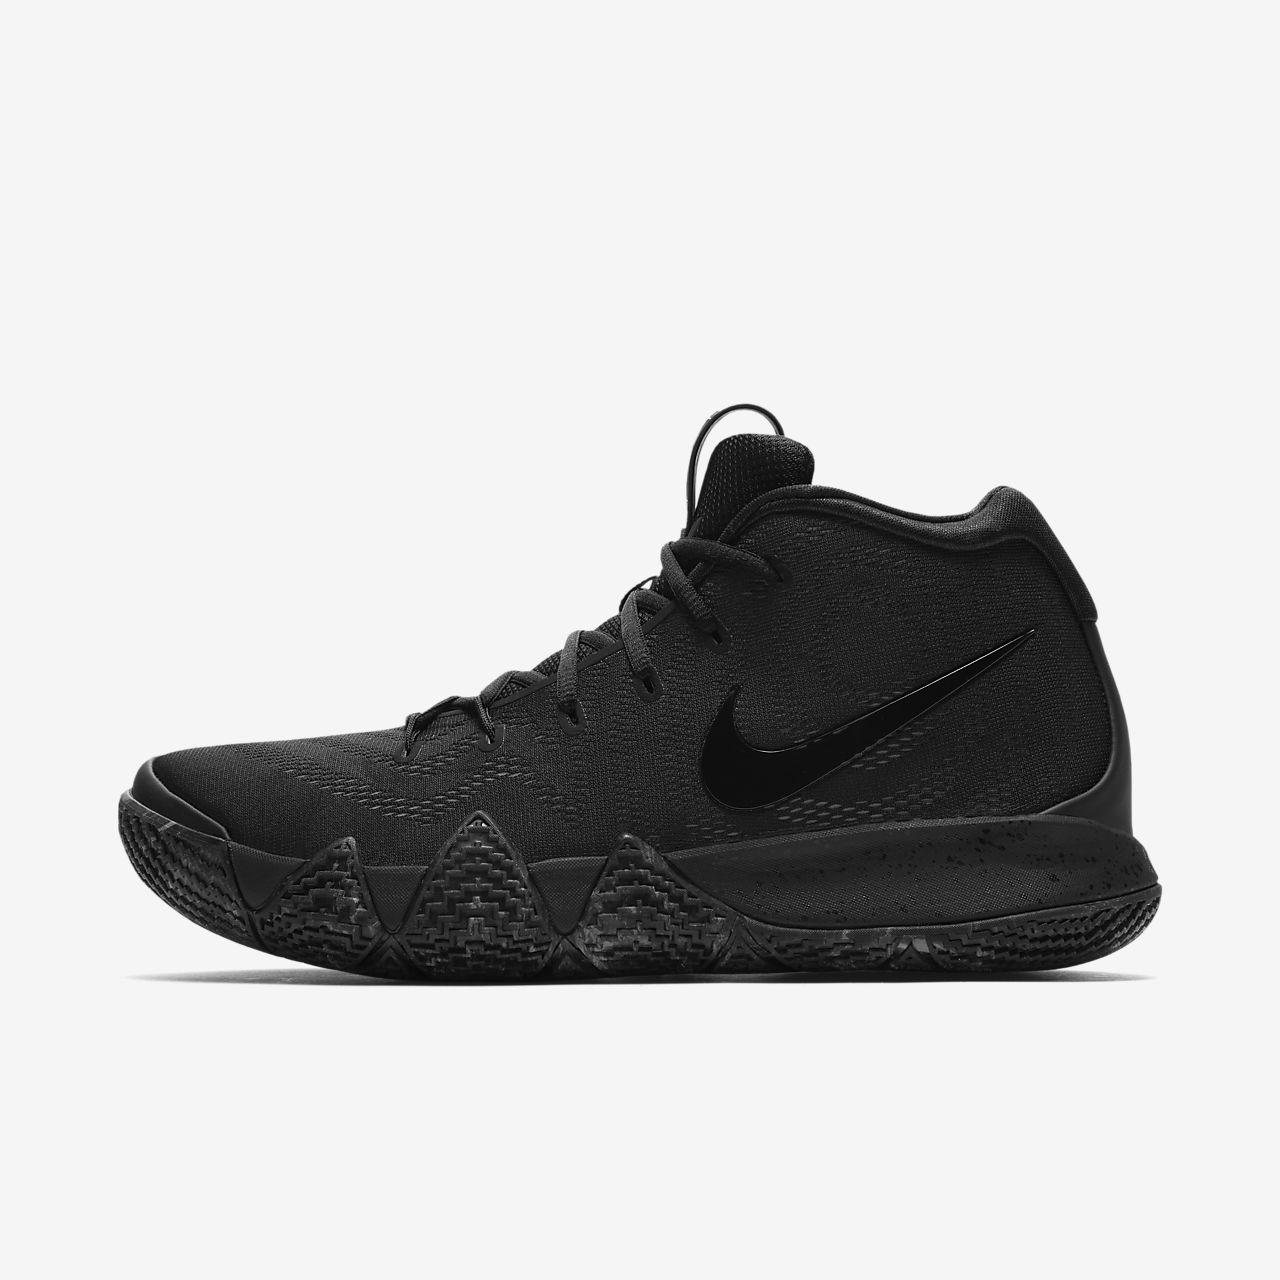 Nike Roshe Run Damen Ebay Kleinanzeigen wallasch